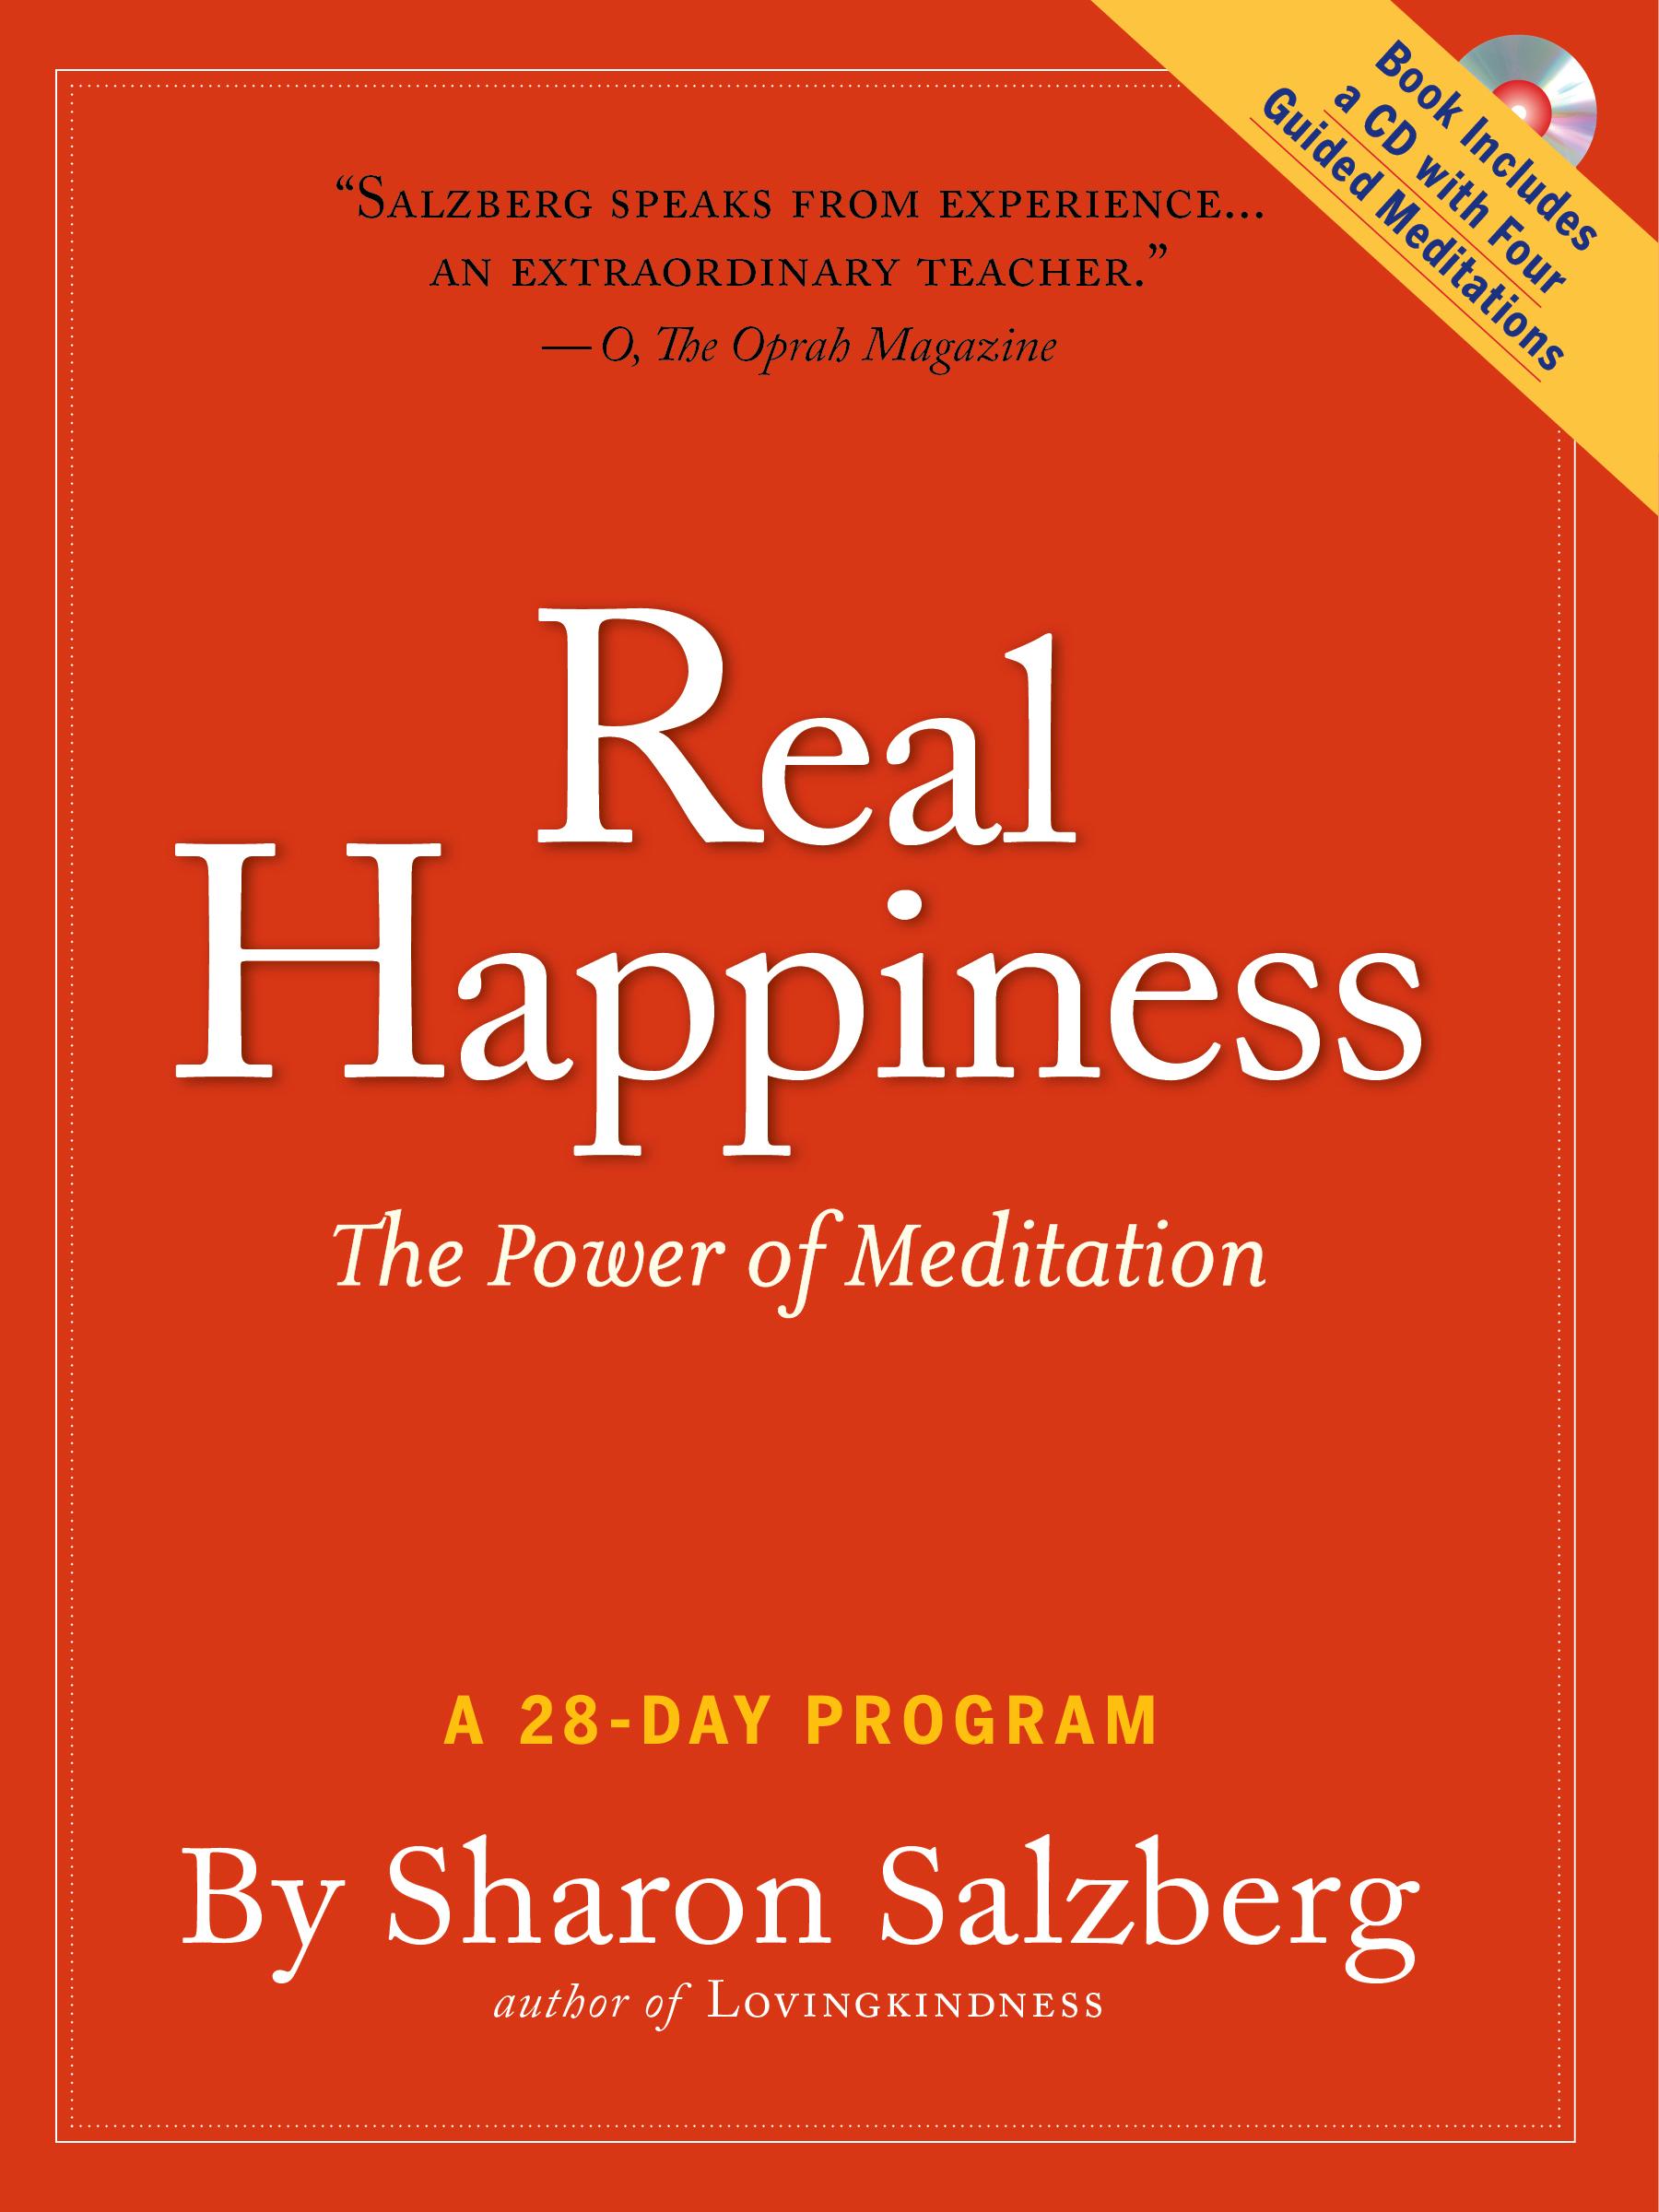 Real Happiness Sharon Salzberg